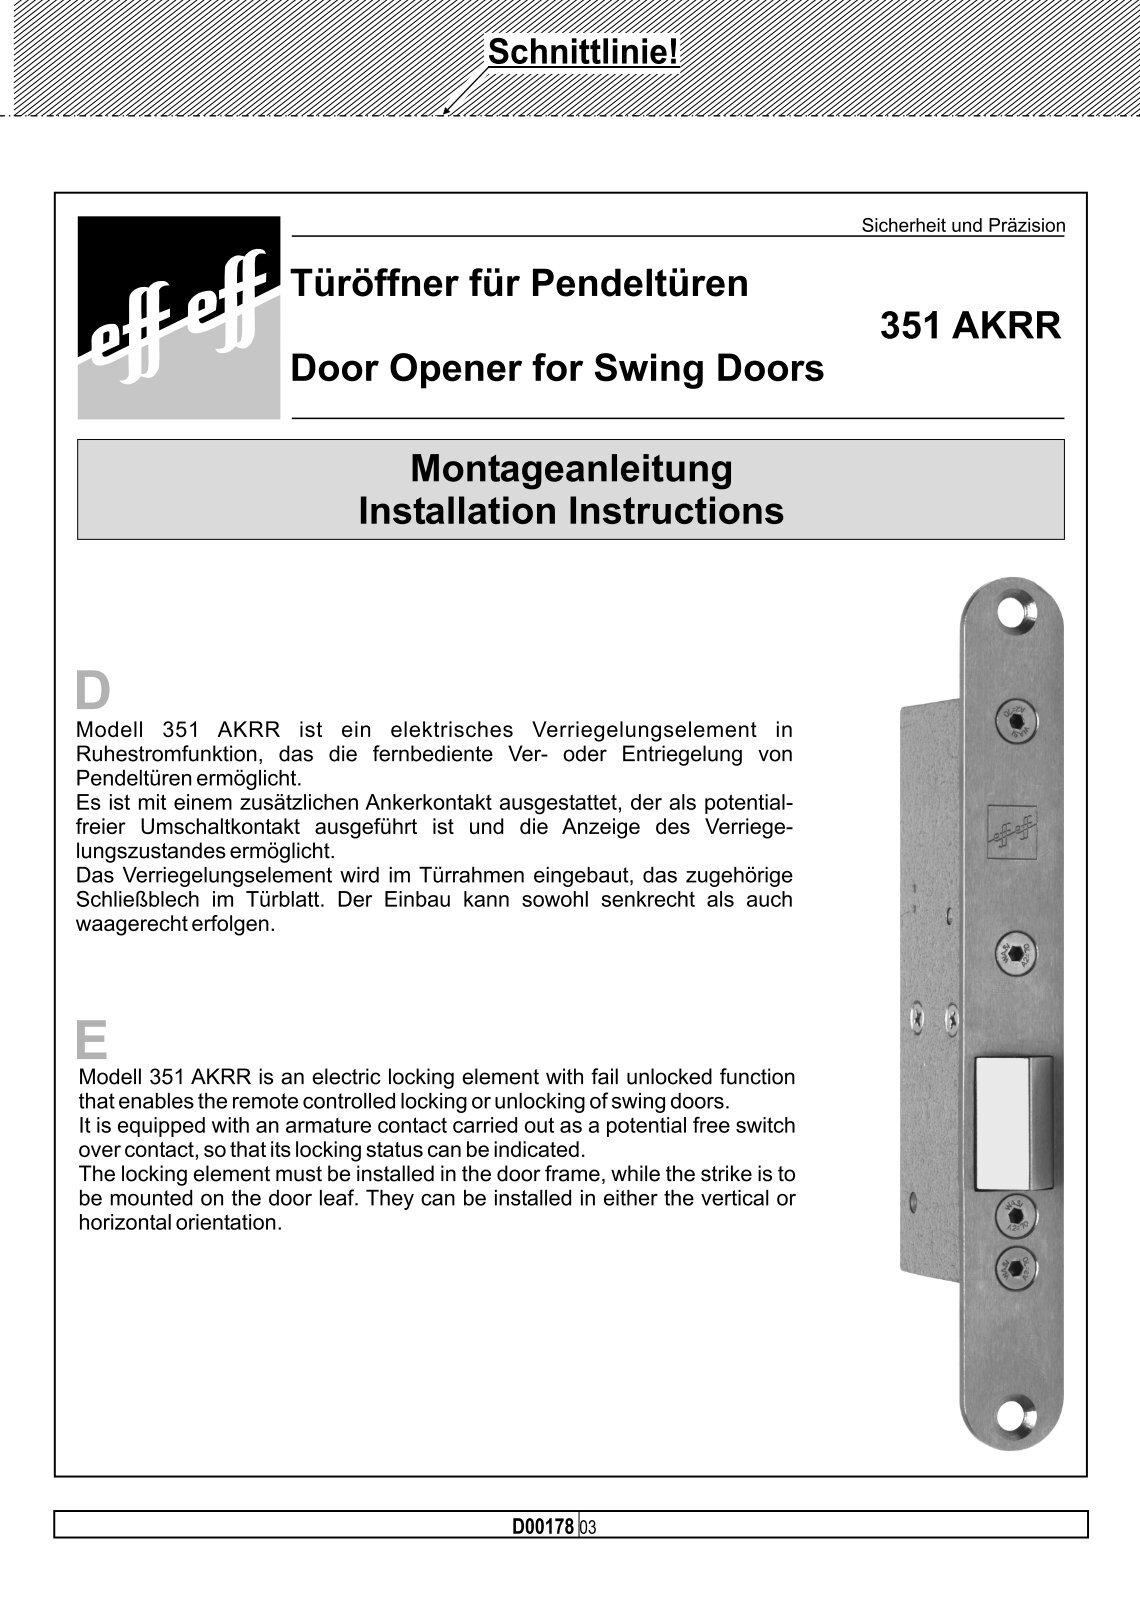 Erfreut Wie Einen Türrahmen Installieren Ideen - Benutzerdefinierte ...